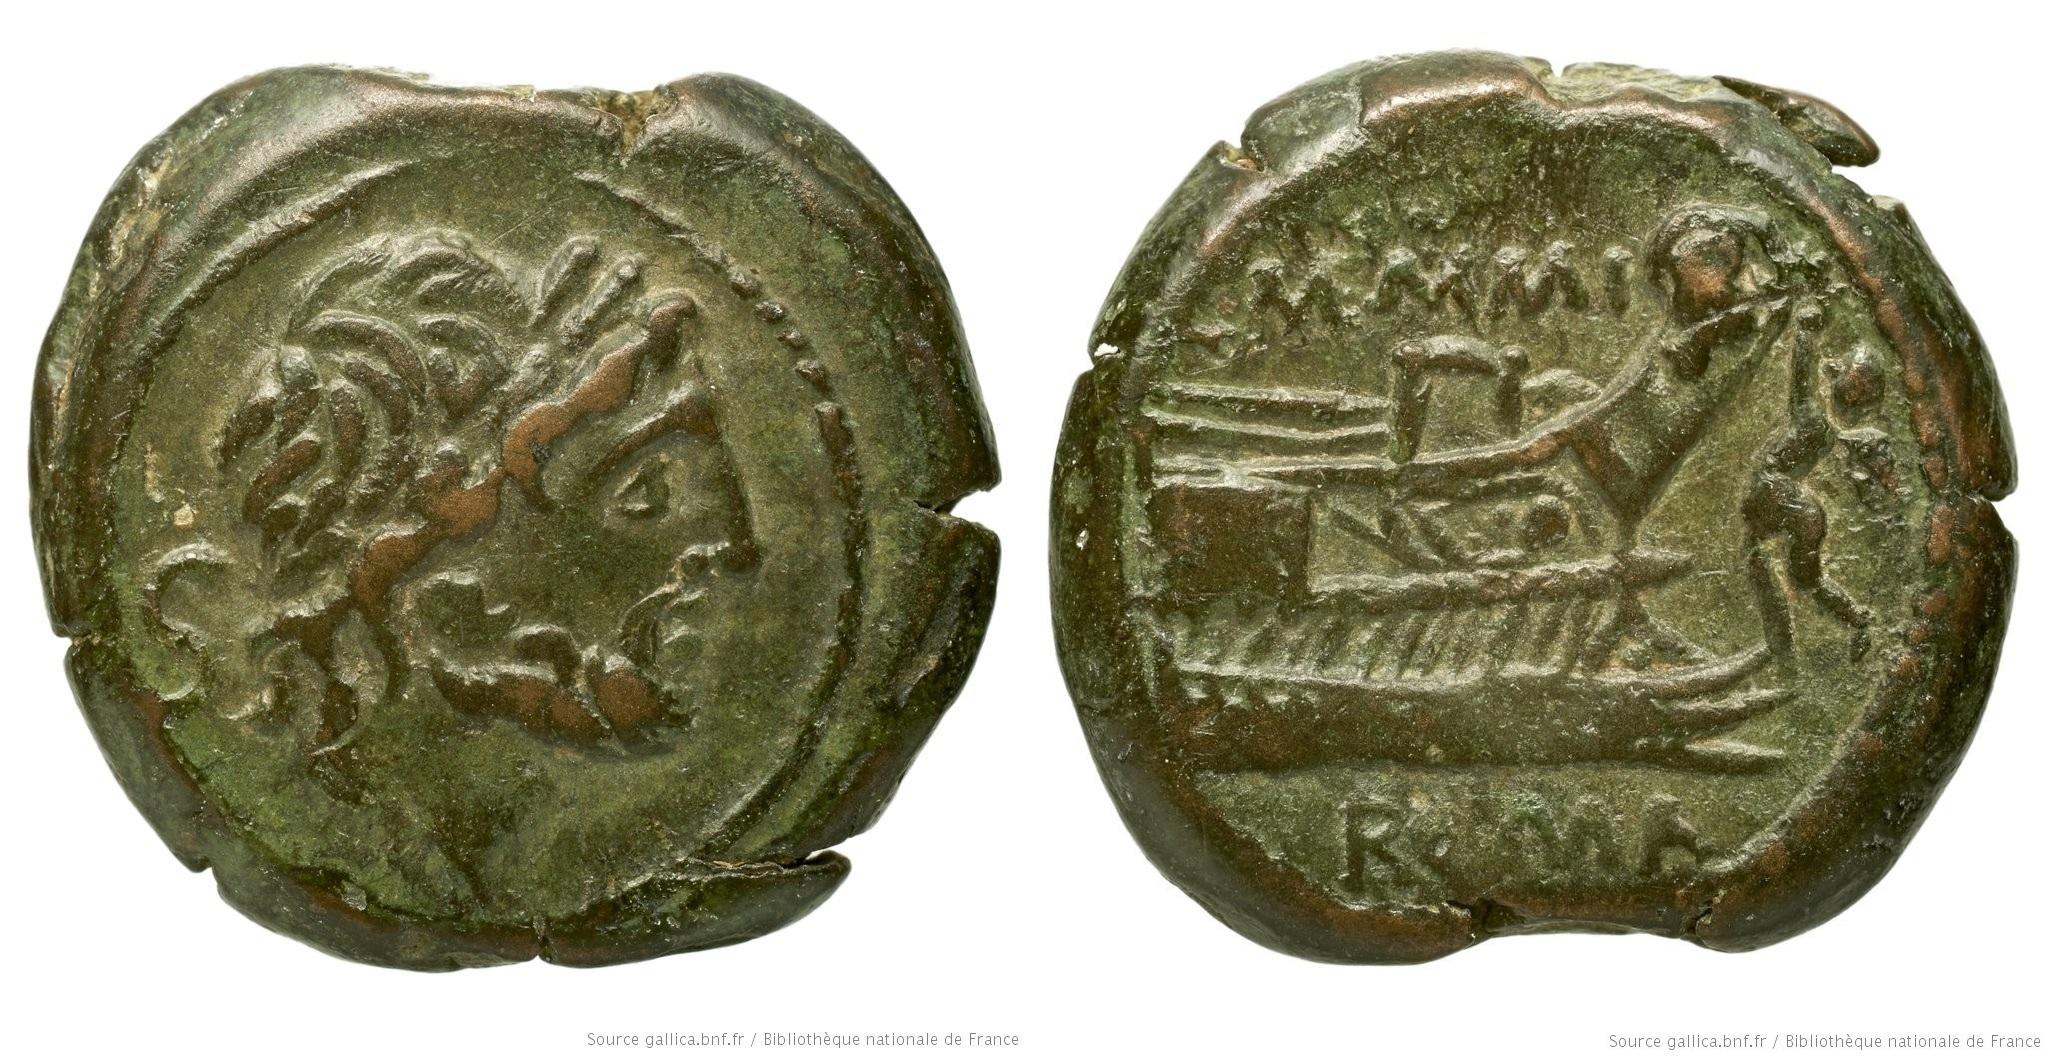 1139ME – Semis Memmia – Lucius Memmius Galerius